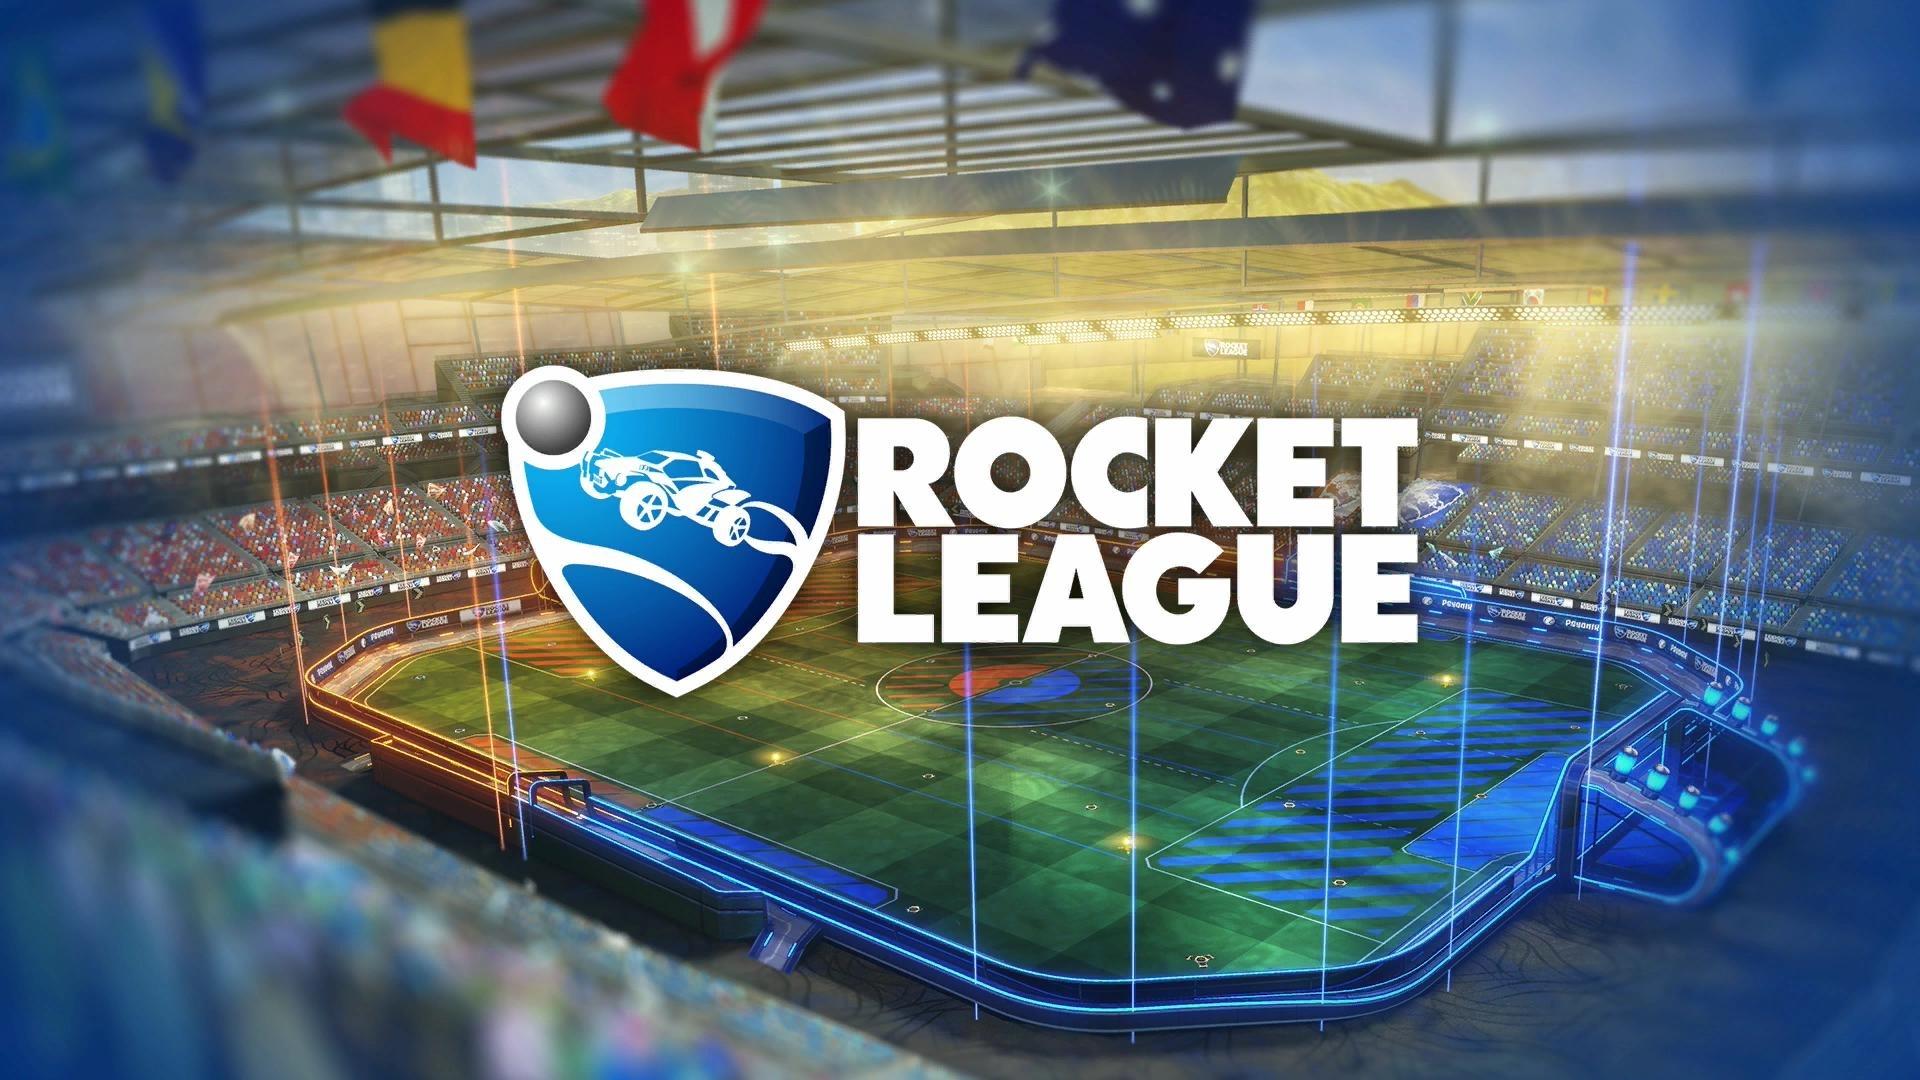 rocket league wallpaper (updated) - [1920 x 1080] : rocketleague